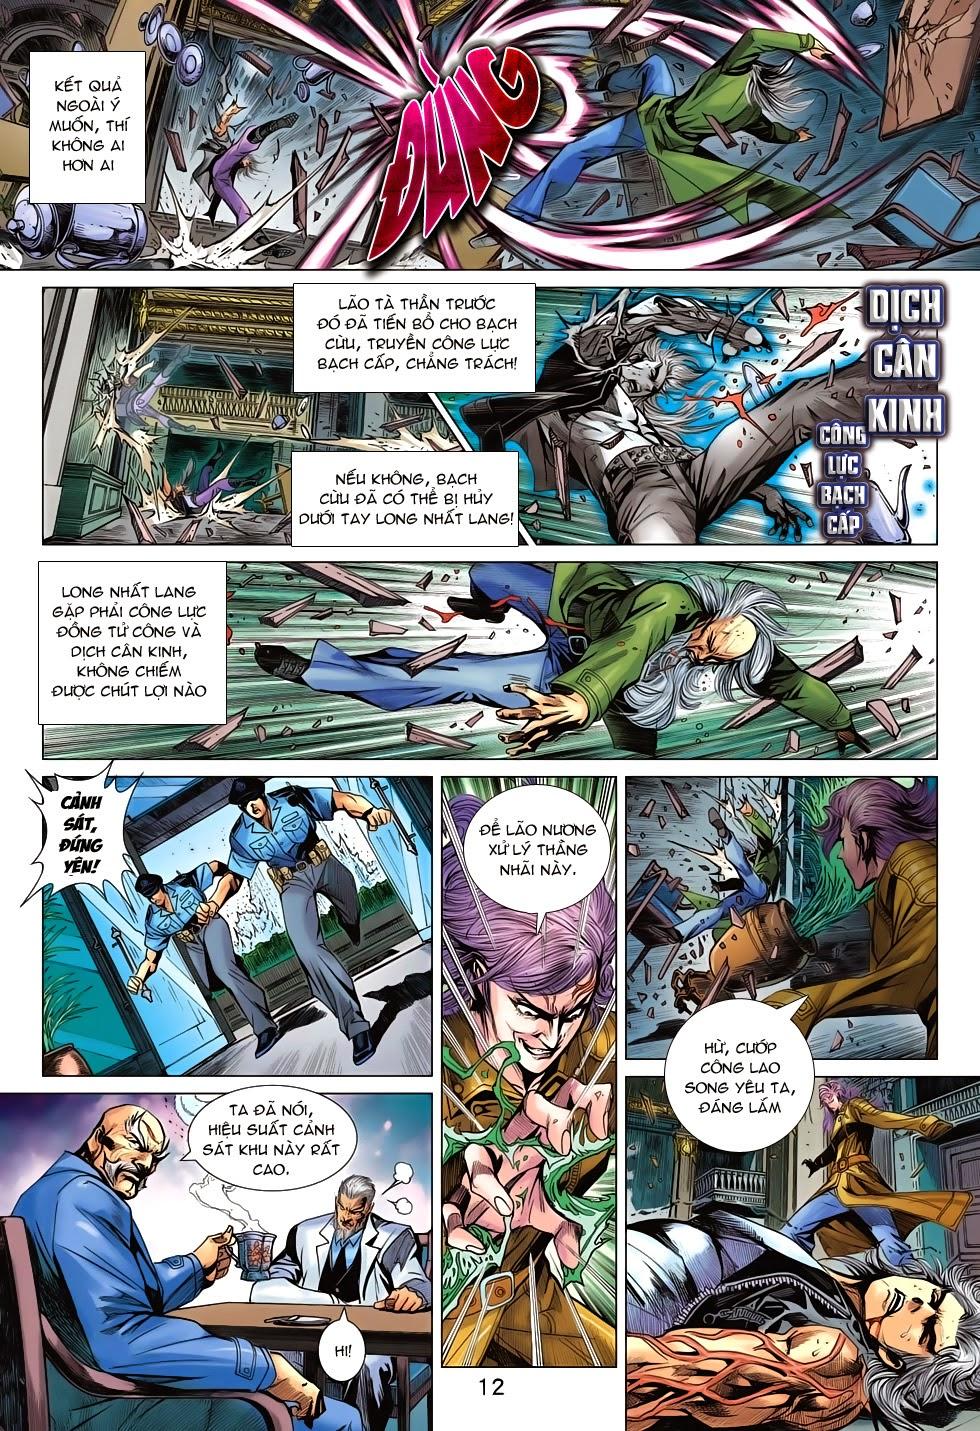 Tân Tác Long Hổ Môn chap 698 - Trang 12